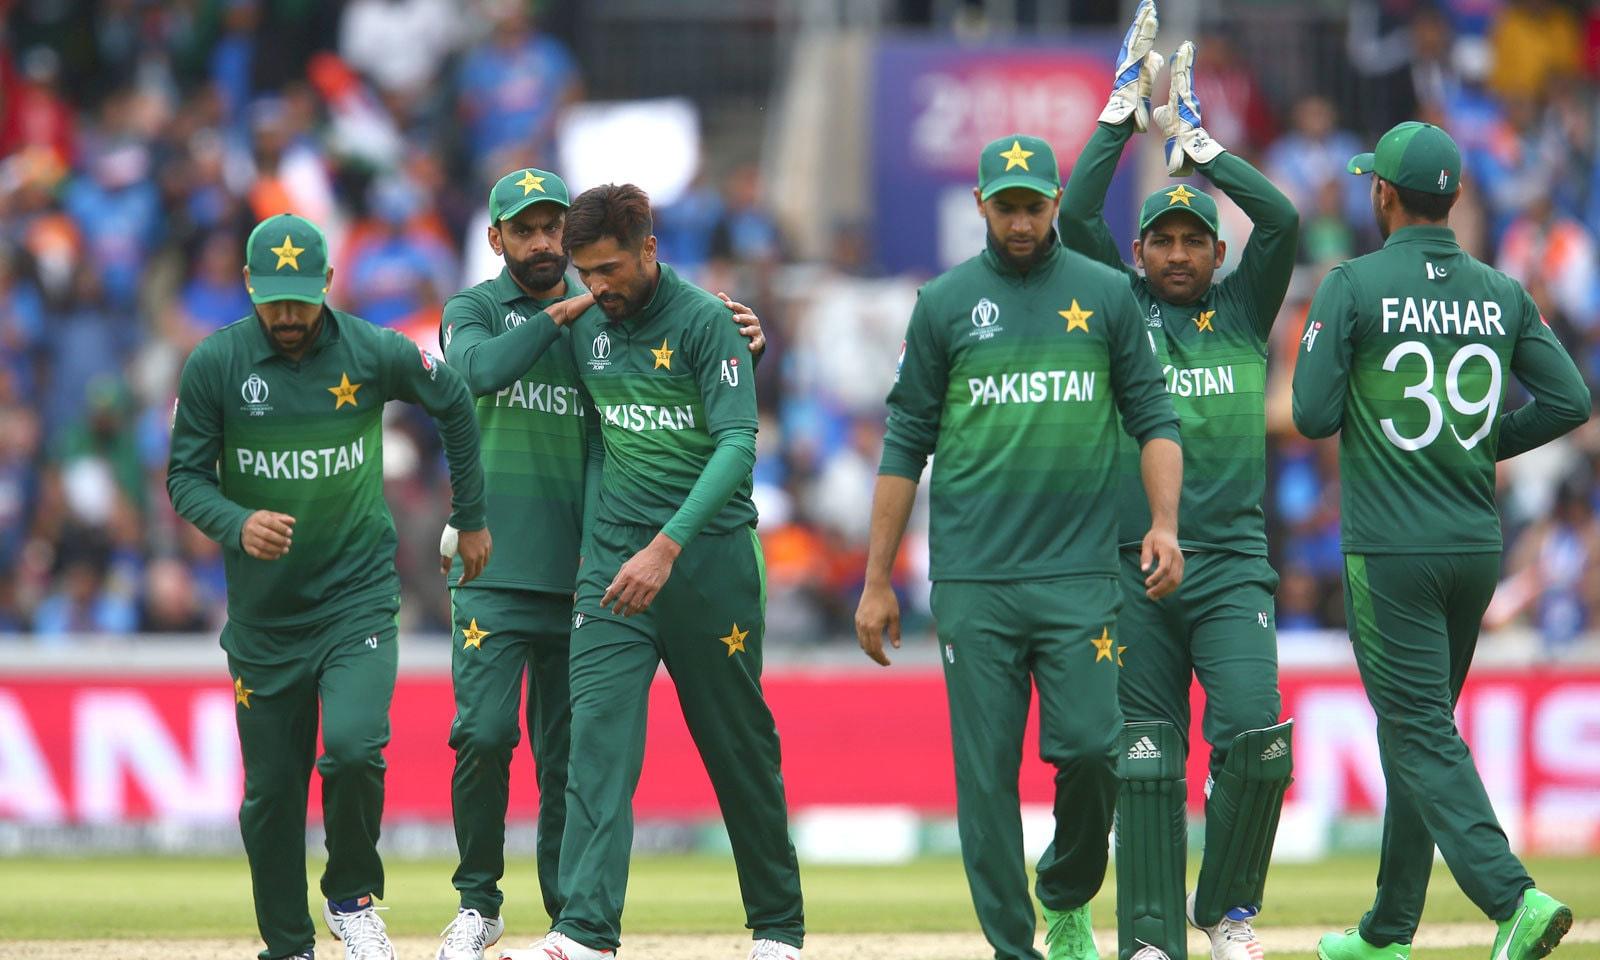 پاکستان کی جانب سے اس میچ میں بھی سب سے کامیاب باؤلر محمد عامر رہے جنہوں نے 3وکٹیں لیں— فوٹو: اے پی